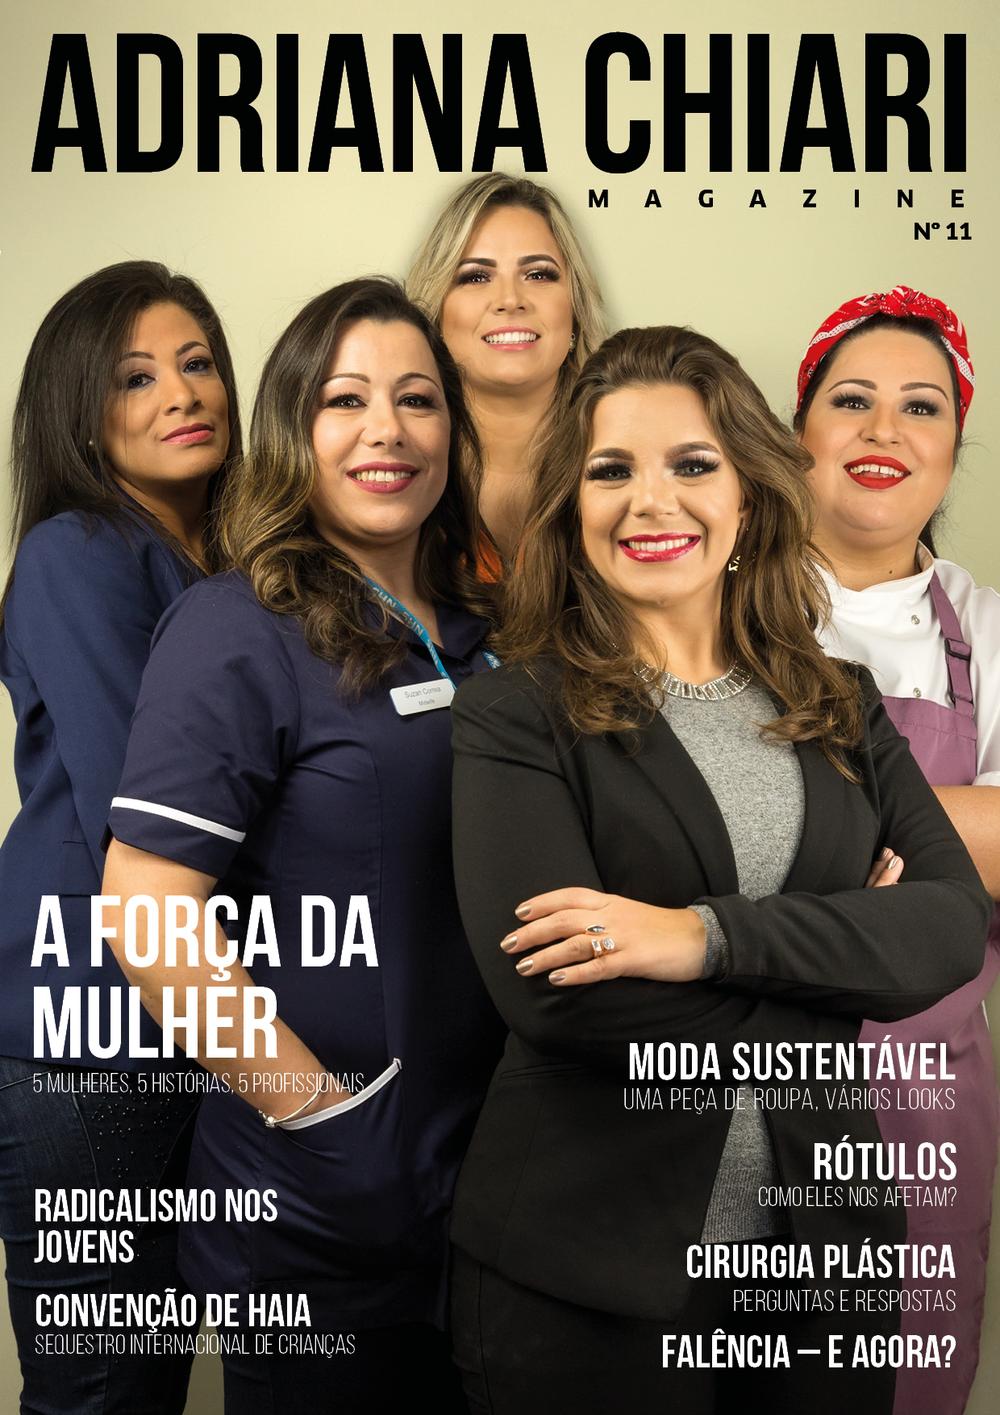 Edição 11 Adriana Chiari - BR - Capa.png